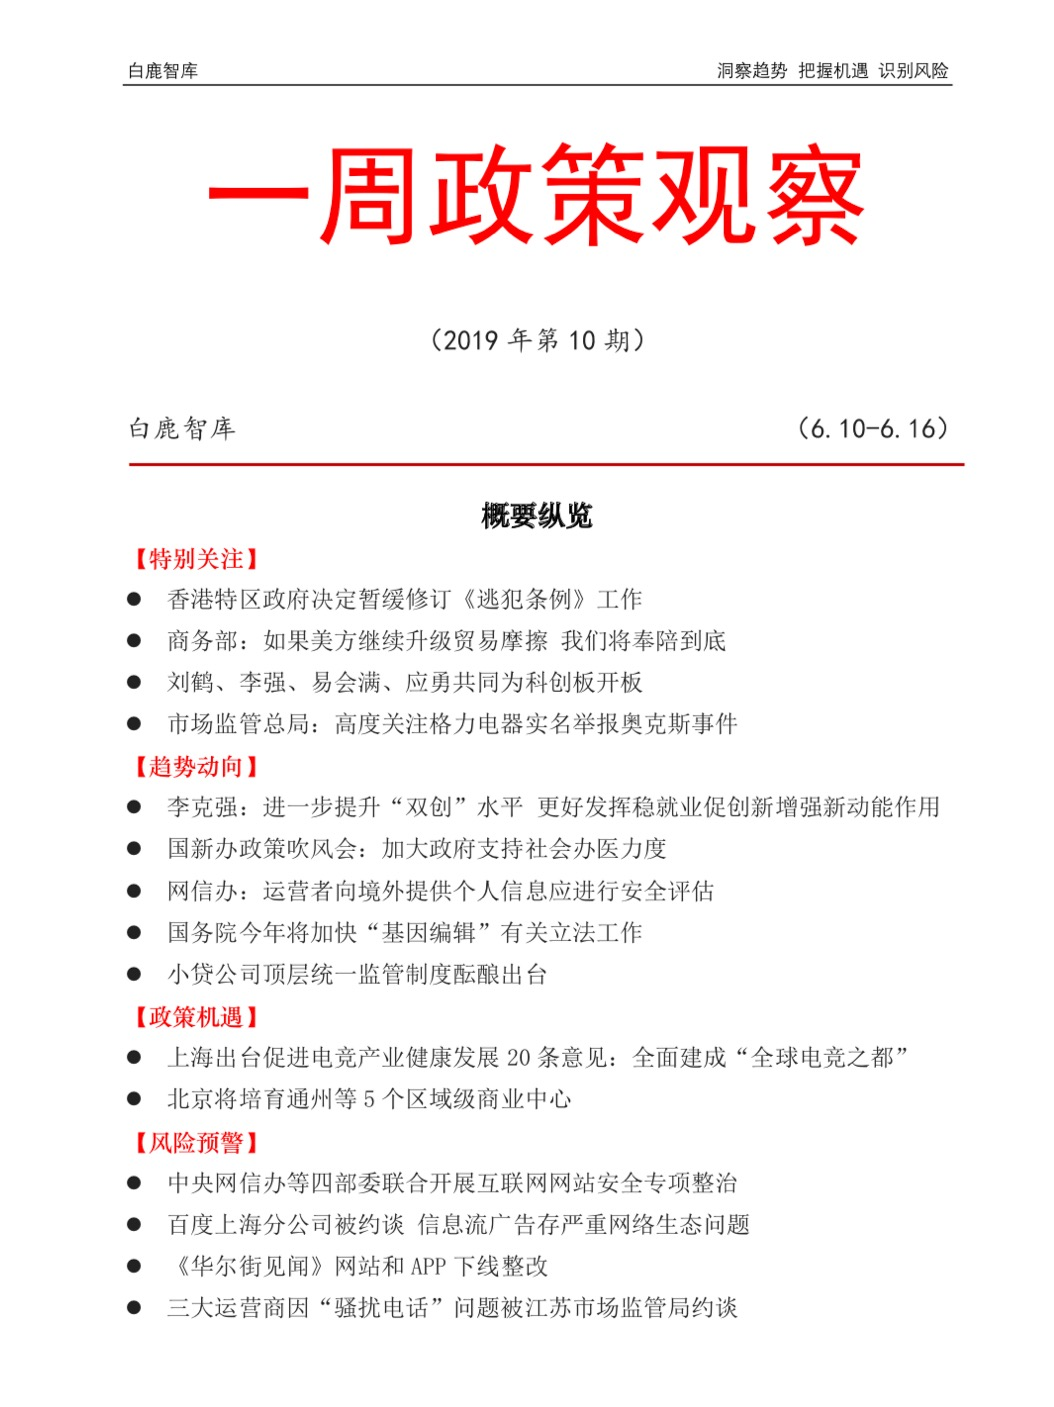 一周政策观察(6.10-6.16)